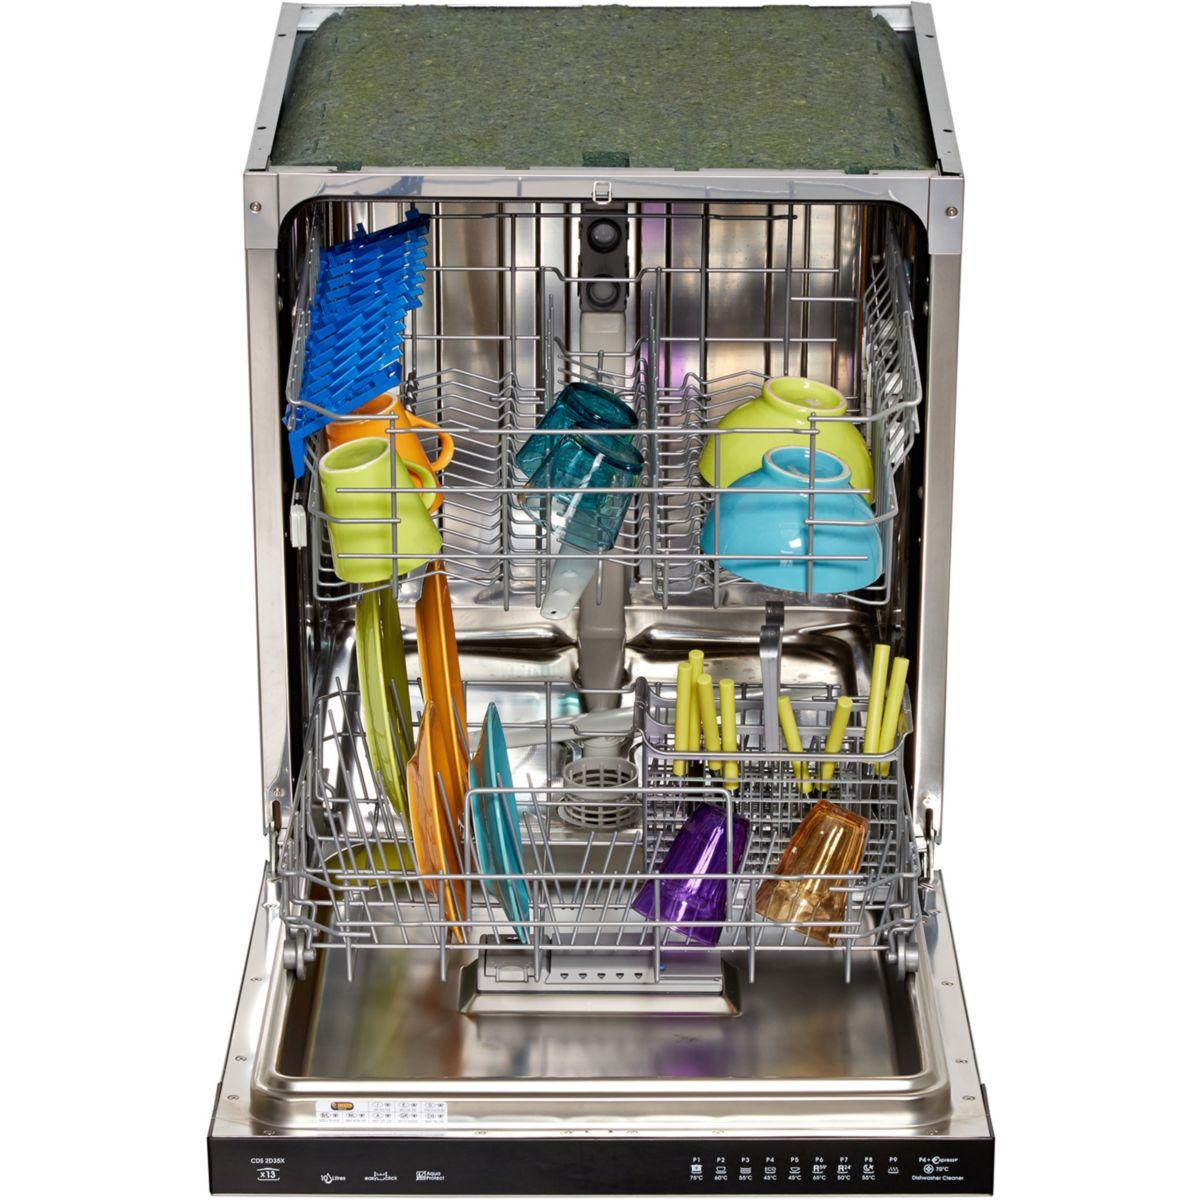 nouvelle arrivee ec735 d4904 Acheter Un Lave Vaisselle Encastrable - cuisinelist.info